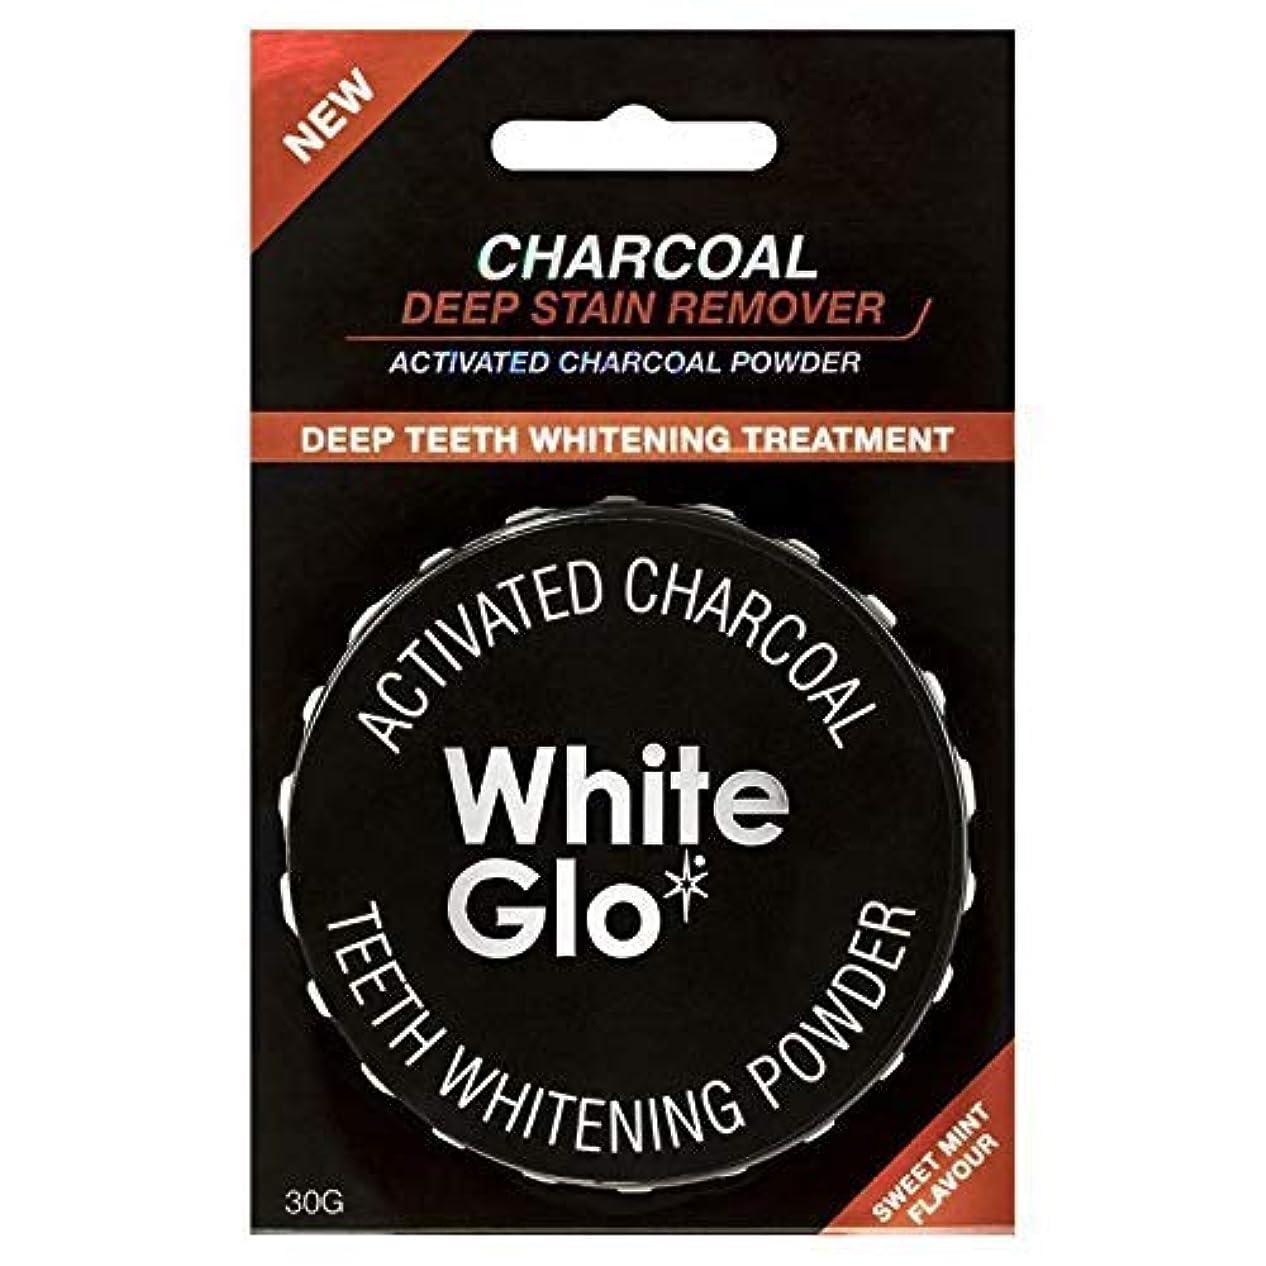 元気アクションハリウッドTeeth Whitening Systems White Glo Activated Charcoal Teeth Whitening Powder 30g Australia / システムを白くする歯を白くする歯の粉...